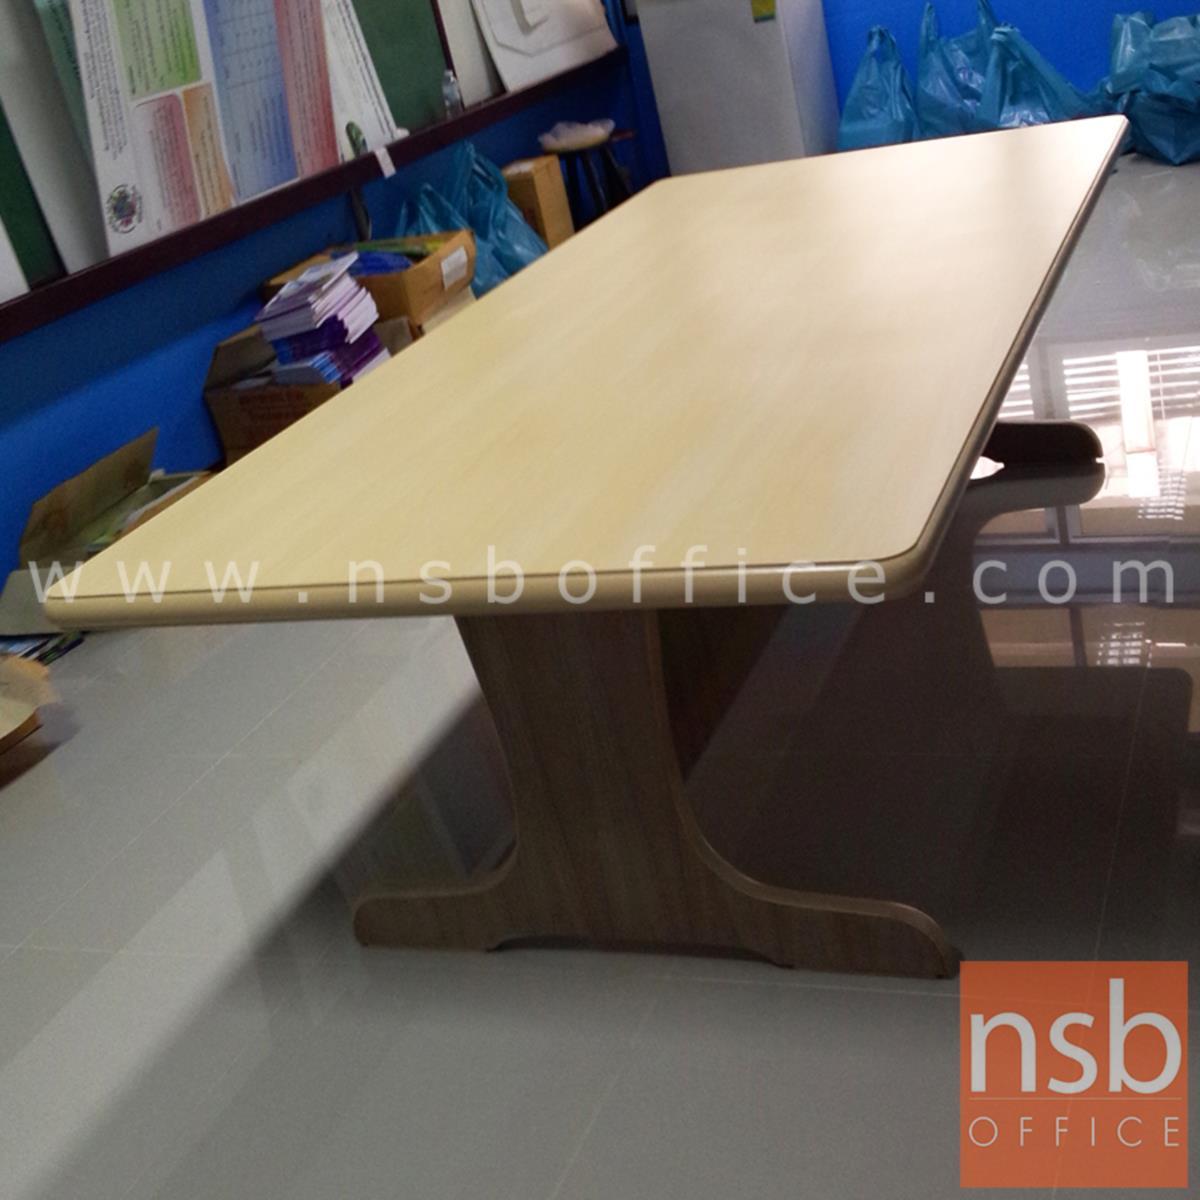 โต๊ะประชุมไม้ยางพาราทรงสี่เหลี่ยม 10 ที่นั่ง รุ่น Hampus (แฮมปัส) ขนาด 240W cm.  ขาไม้ตันรูปตัวที